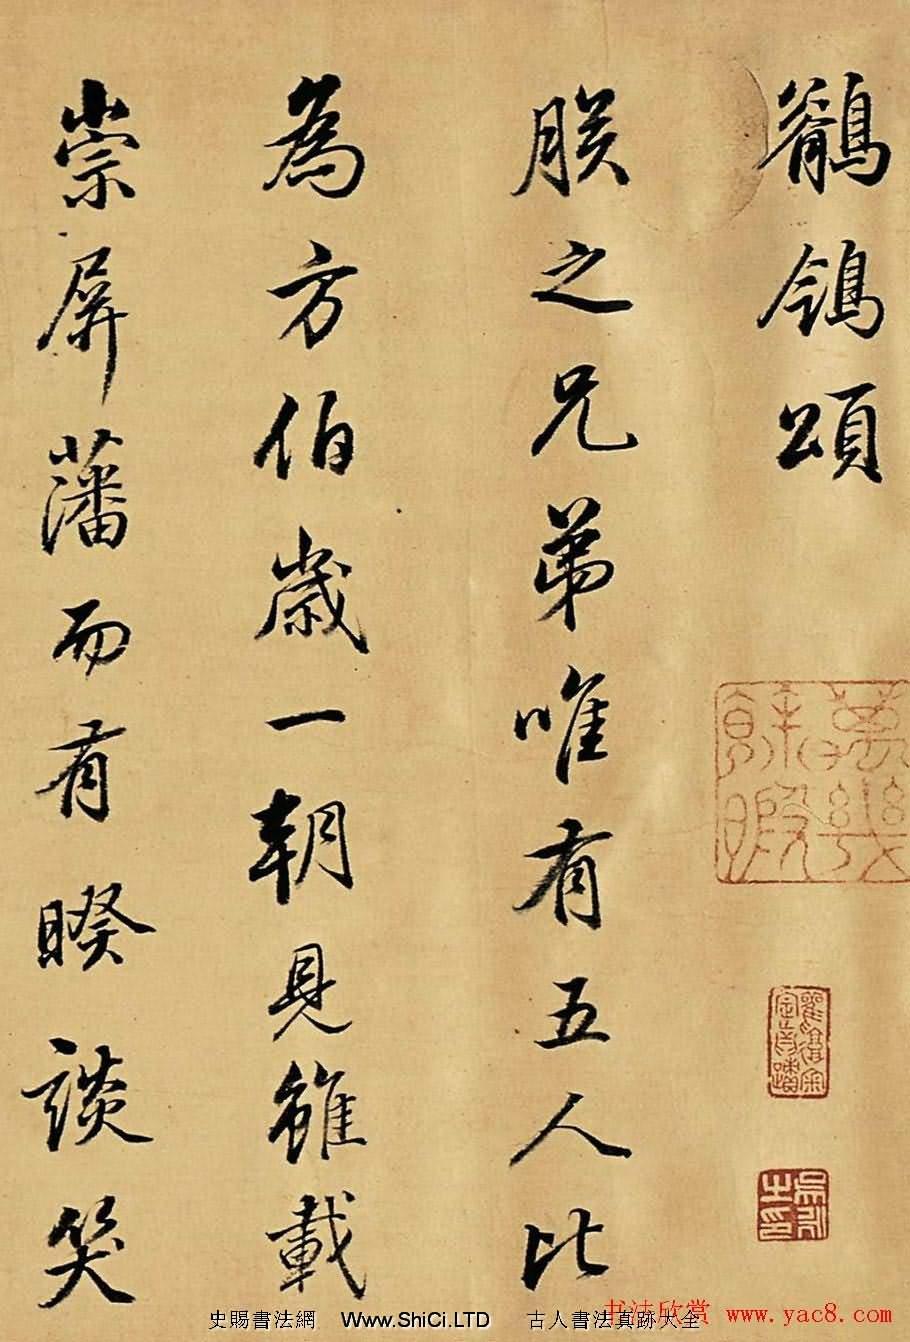 董其昌書法作品真跡賞析《臨唐明皇鶺鴒頌》(共13張圖片)